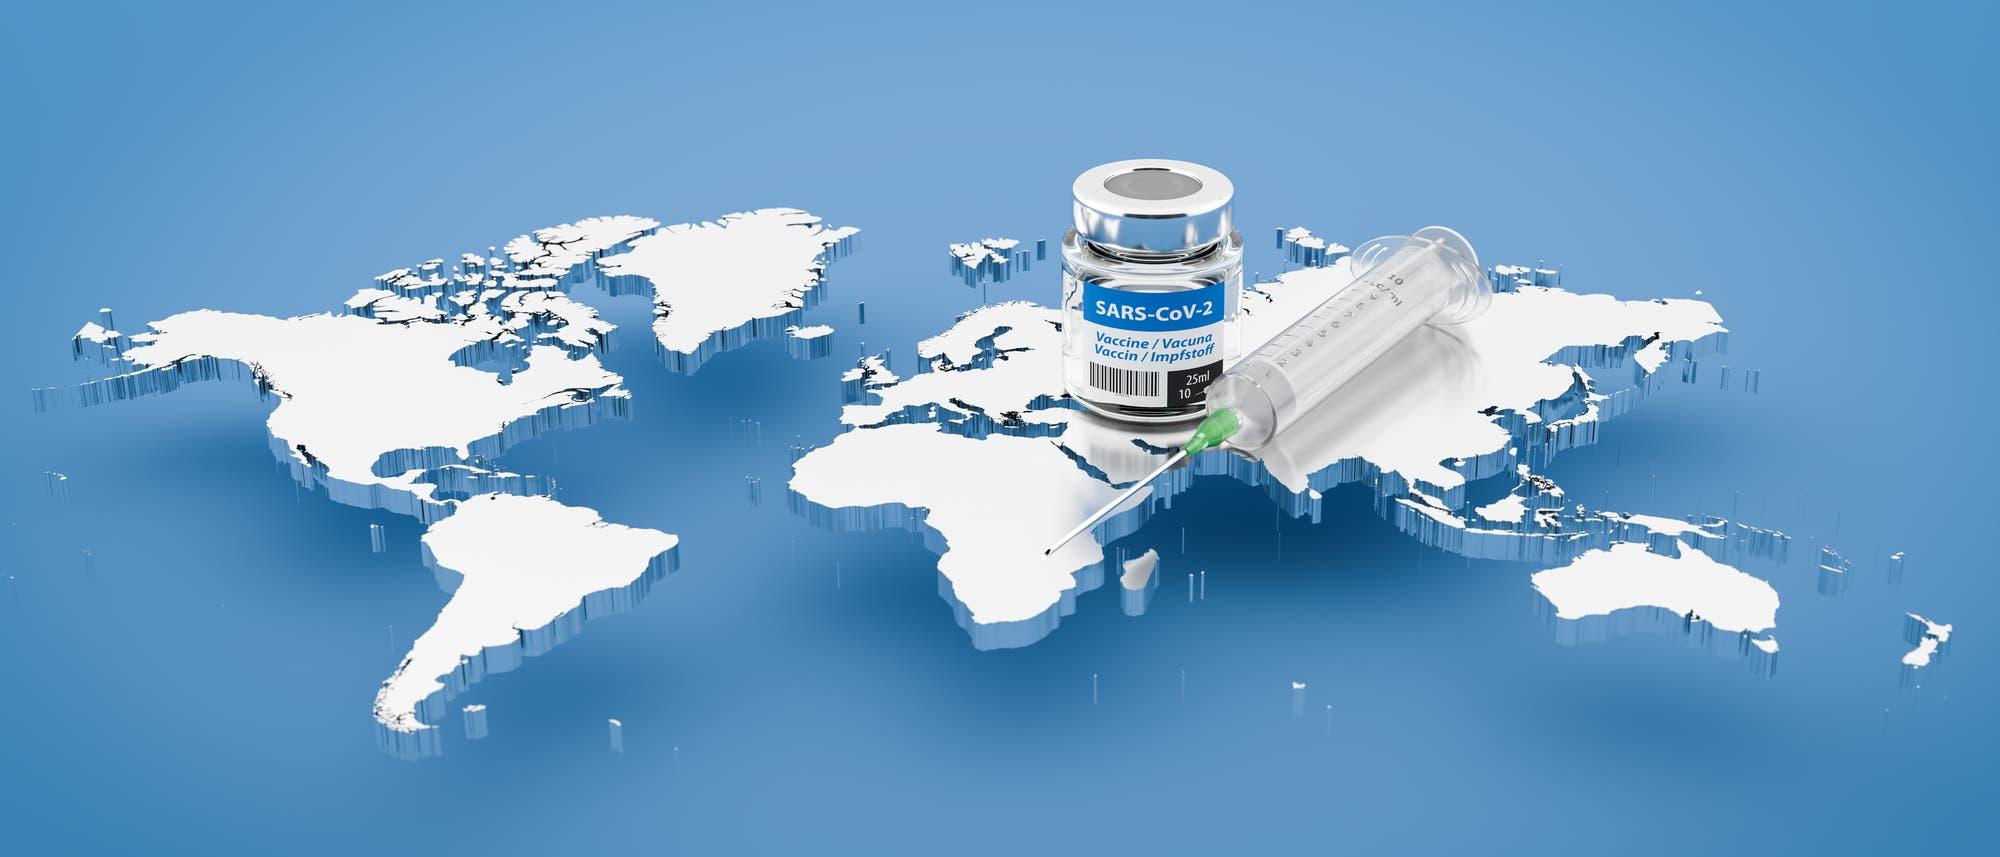 Corona-Impfstoff auf der Weltkarte